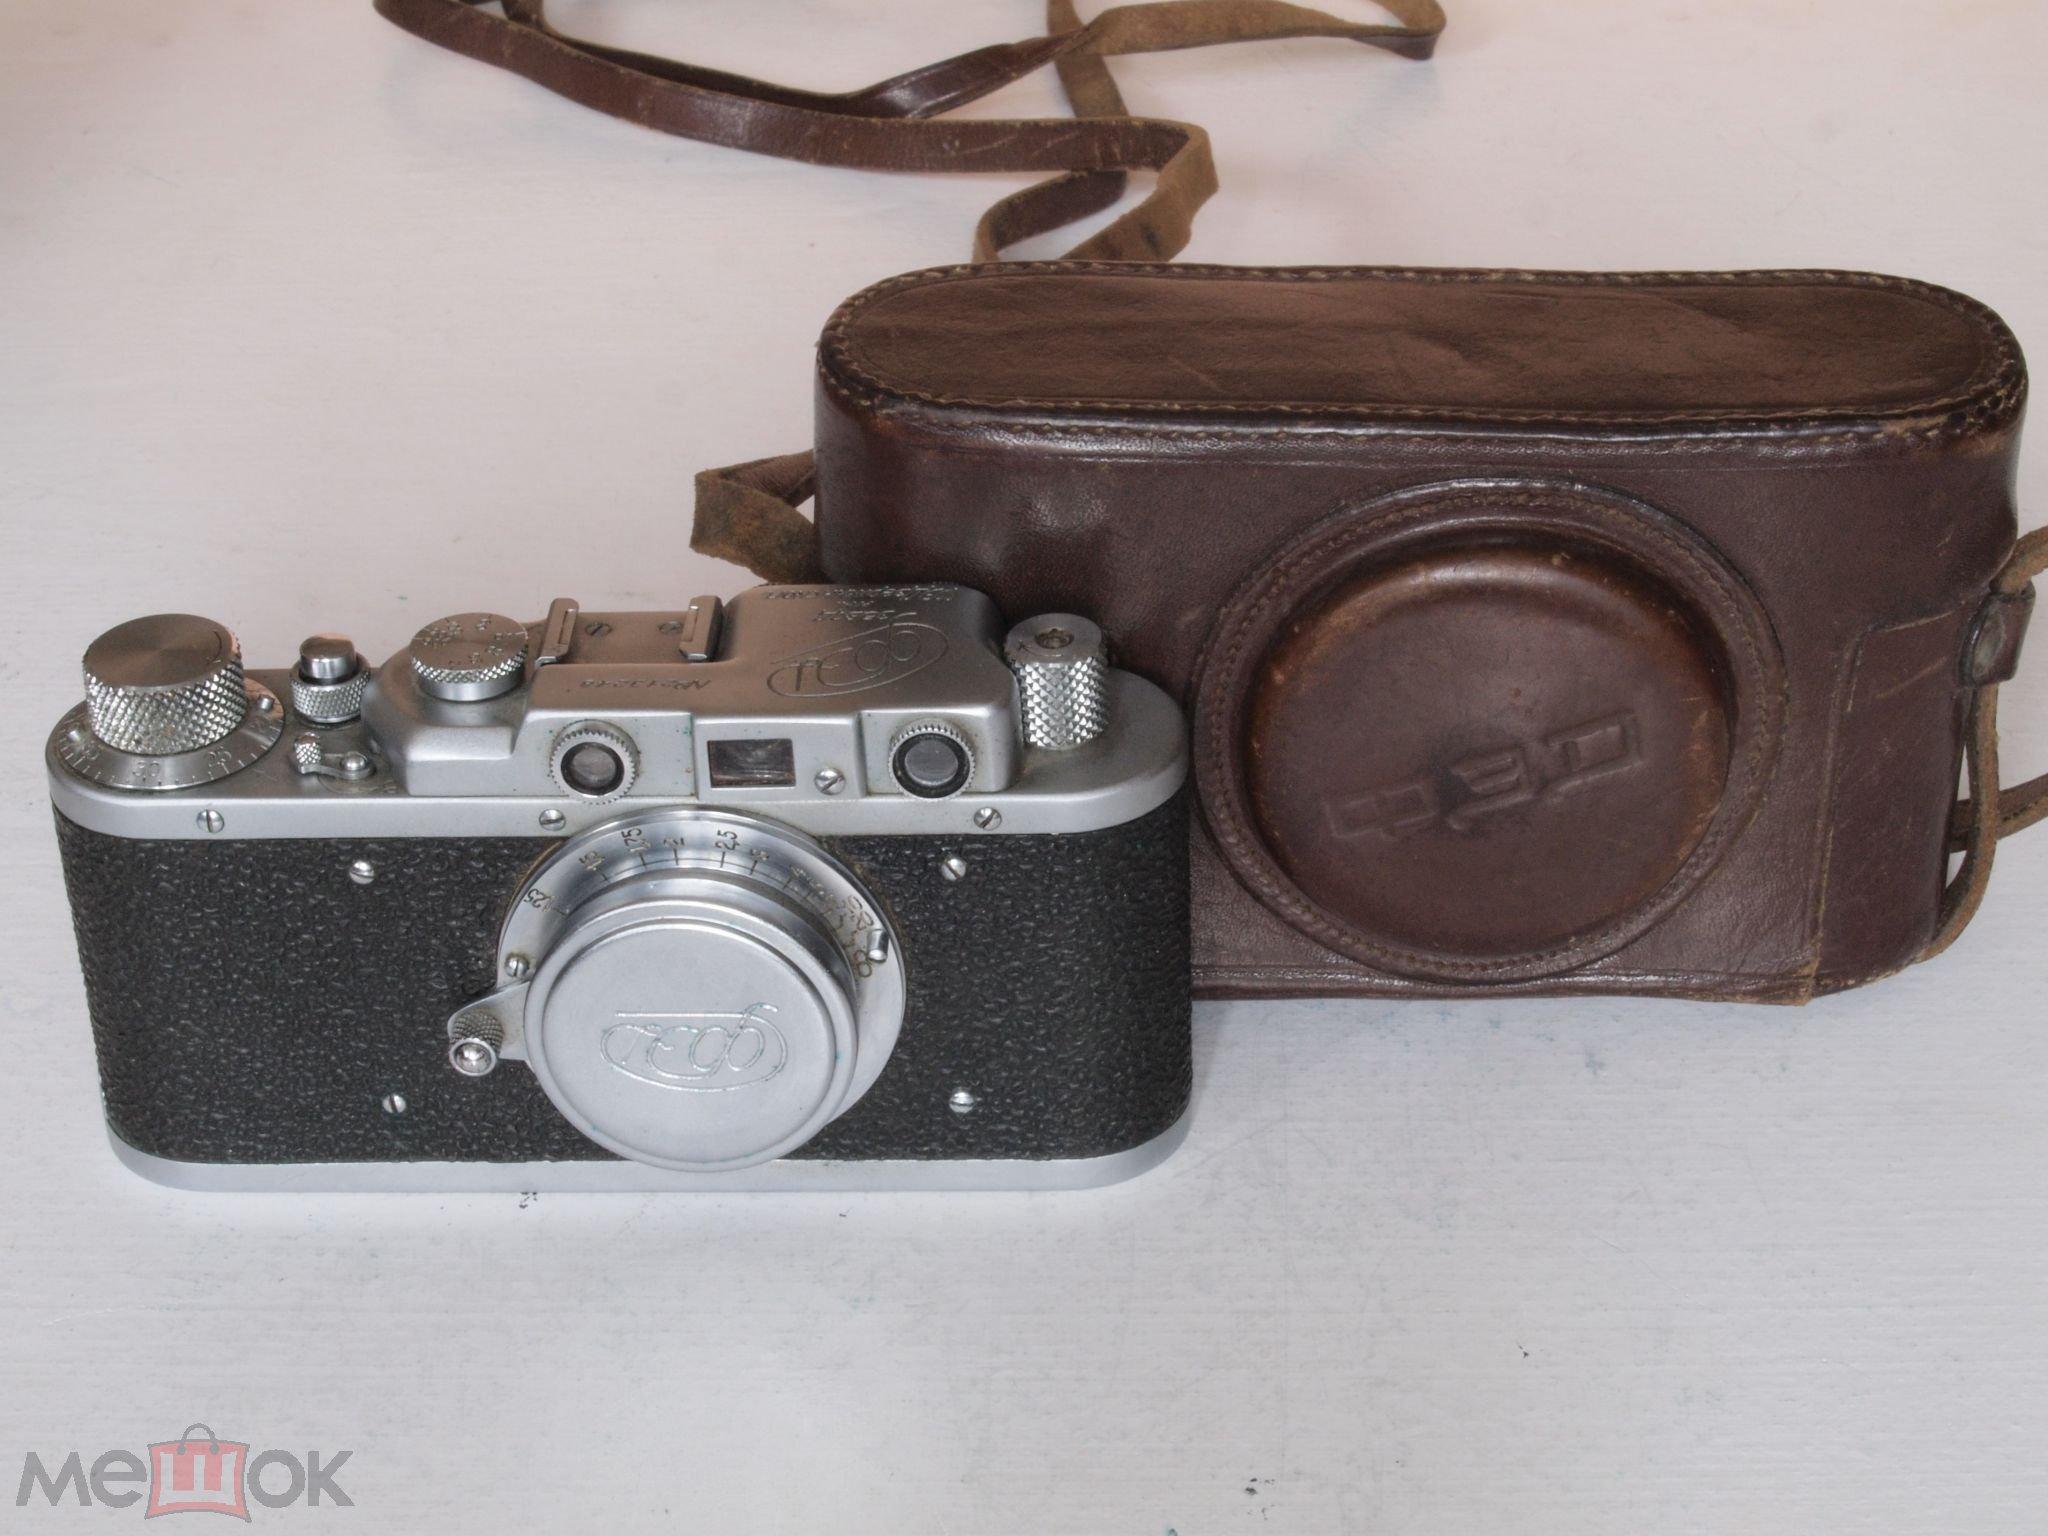 Фотоаппарат ФЭД завод им. Дзержинского 1949 года . Редкий !